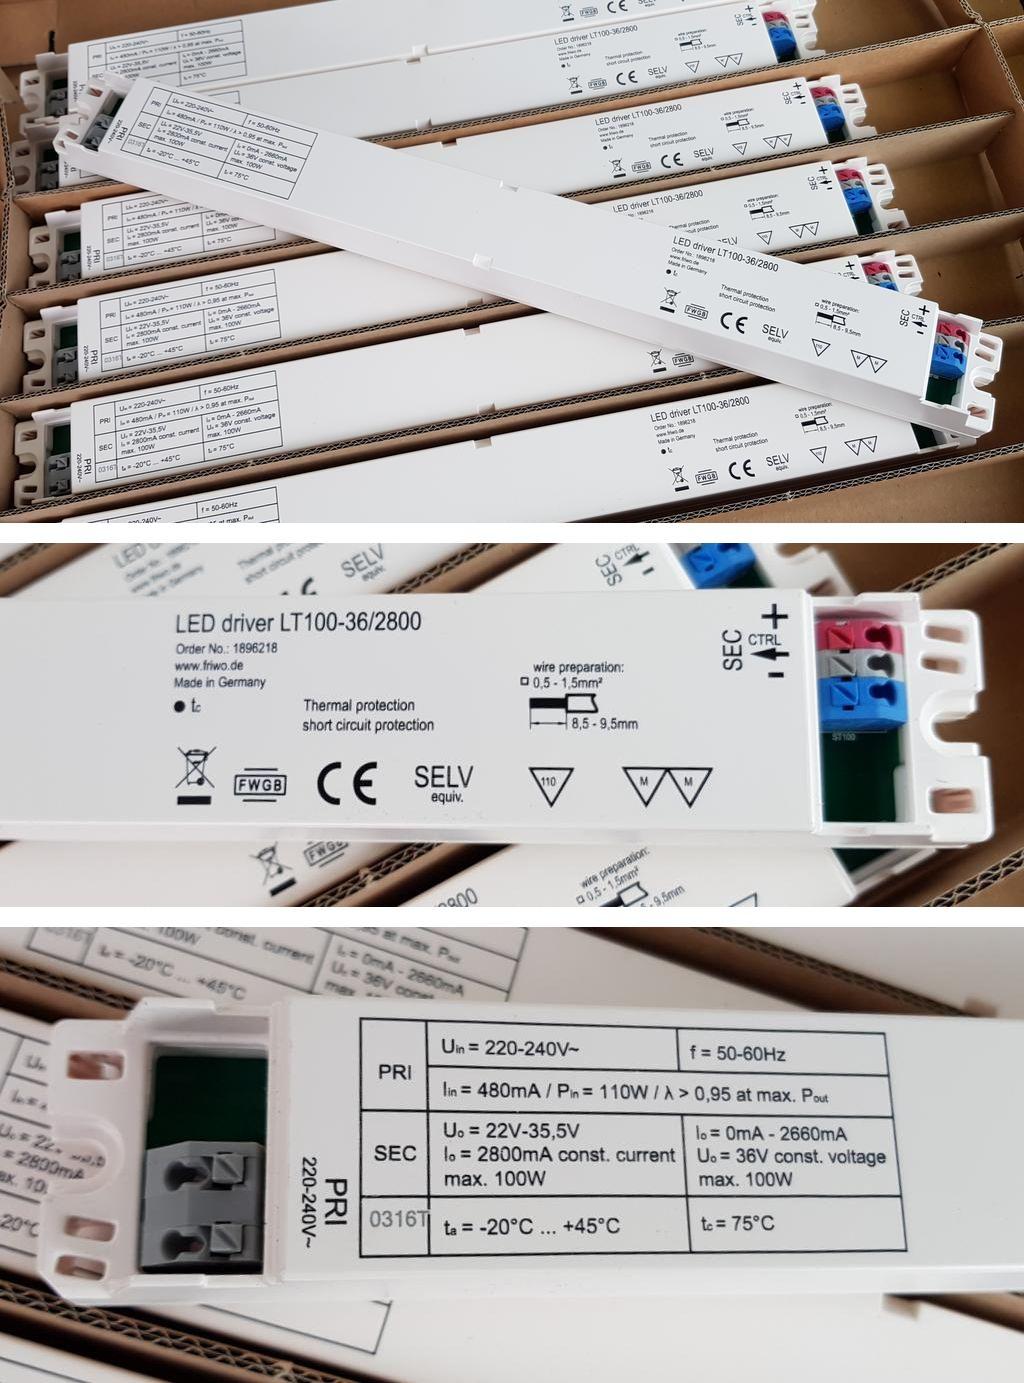 Friwo LED driver LT100-36/2800